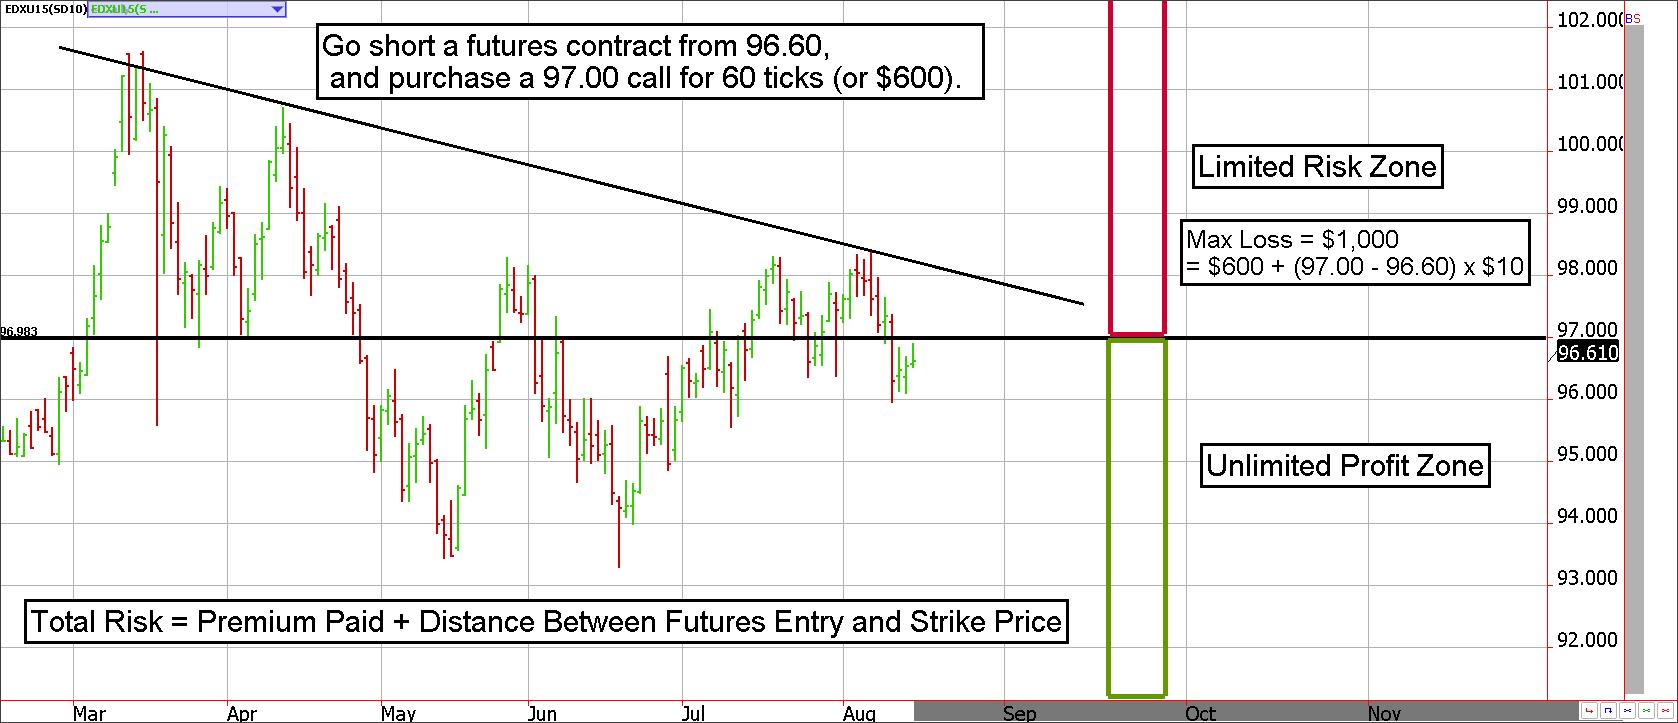 Trading account profit and loss and balance sheet